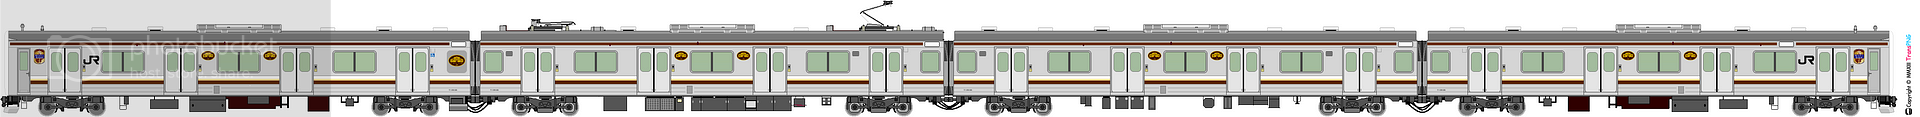 [5390] 東日本旅客鉄道 2390